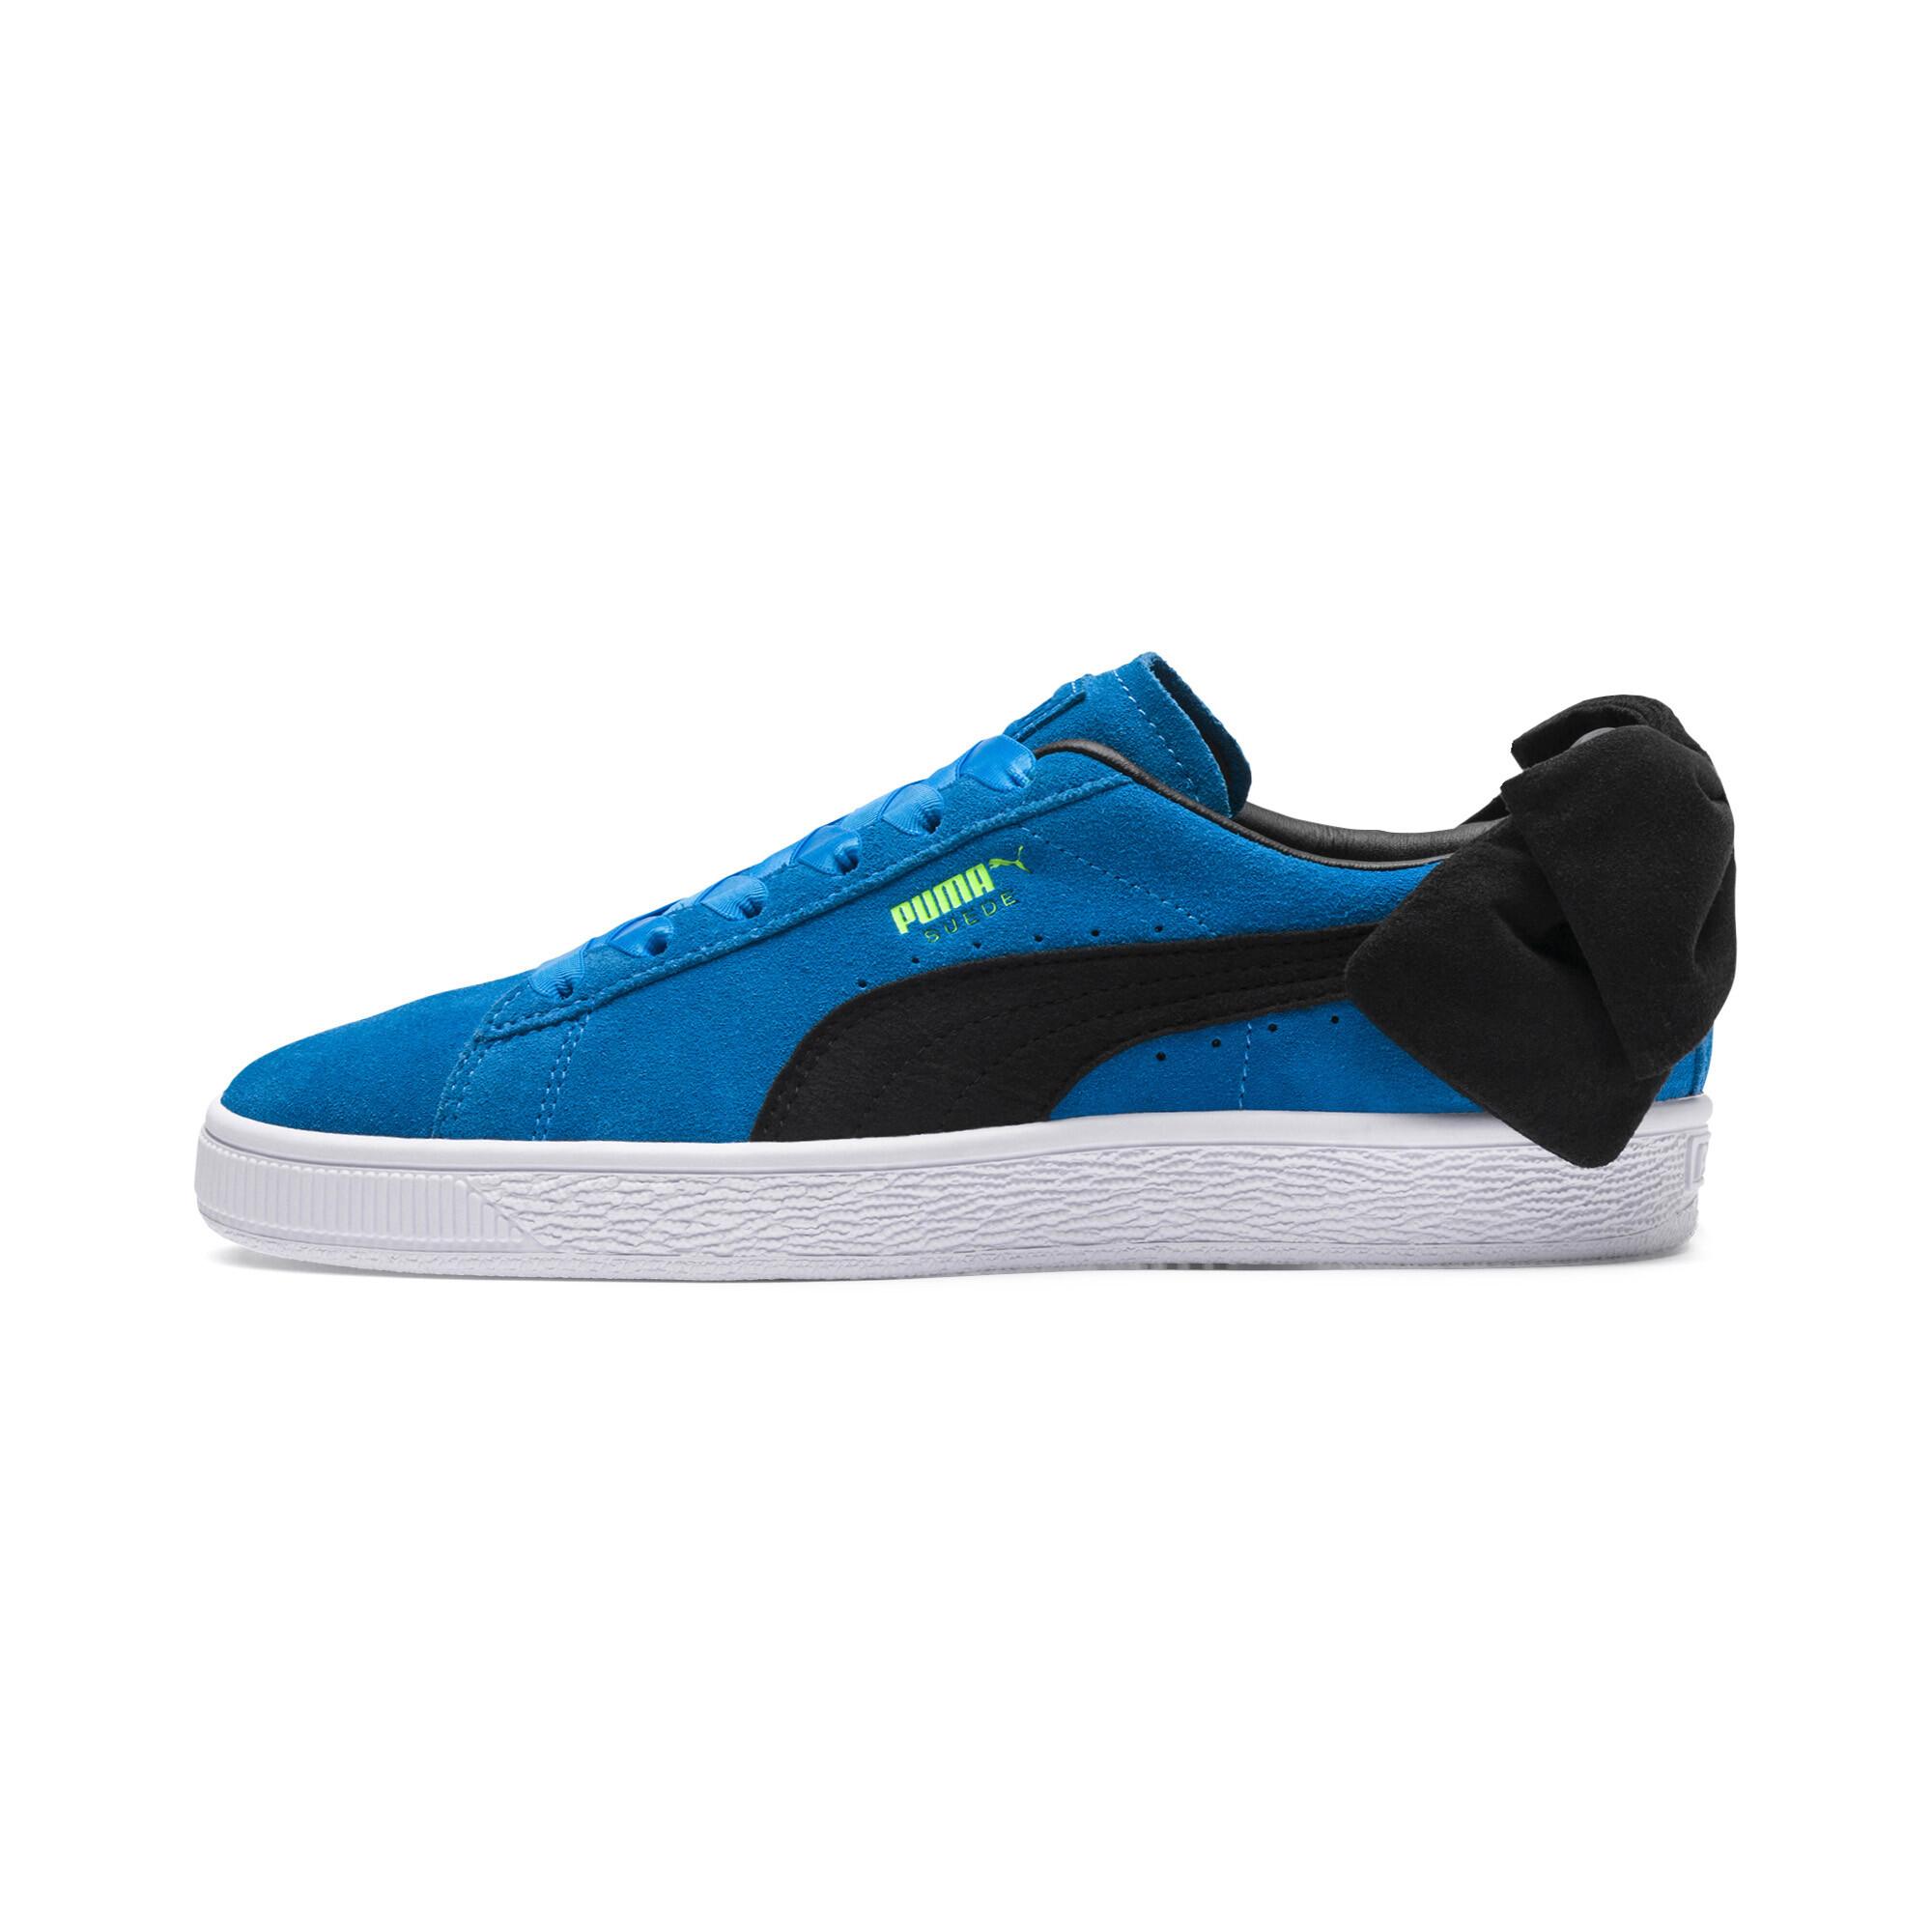 PUMA-Suede-Bow-Block-Damen-Sneaker-Frauen-Schuhe-Sport-Classics-Neu Indexbild 10